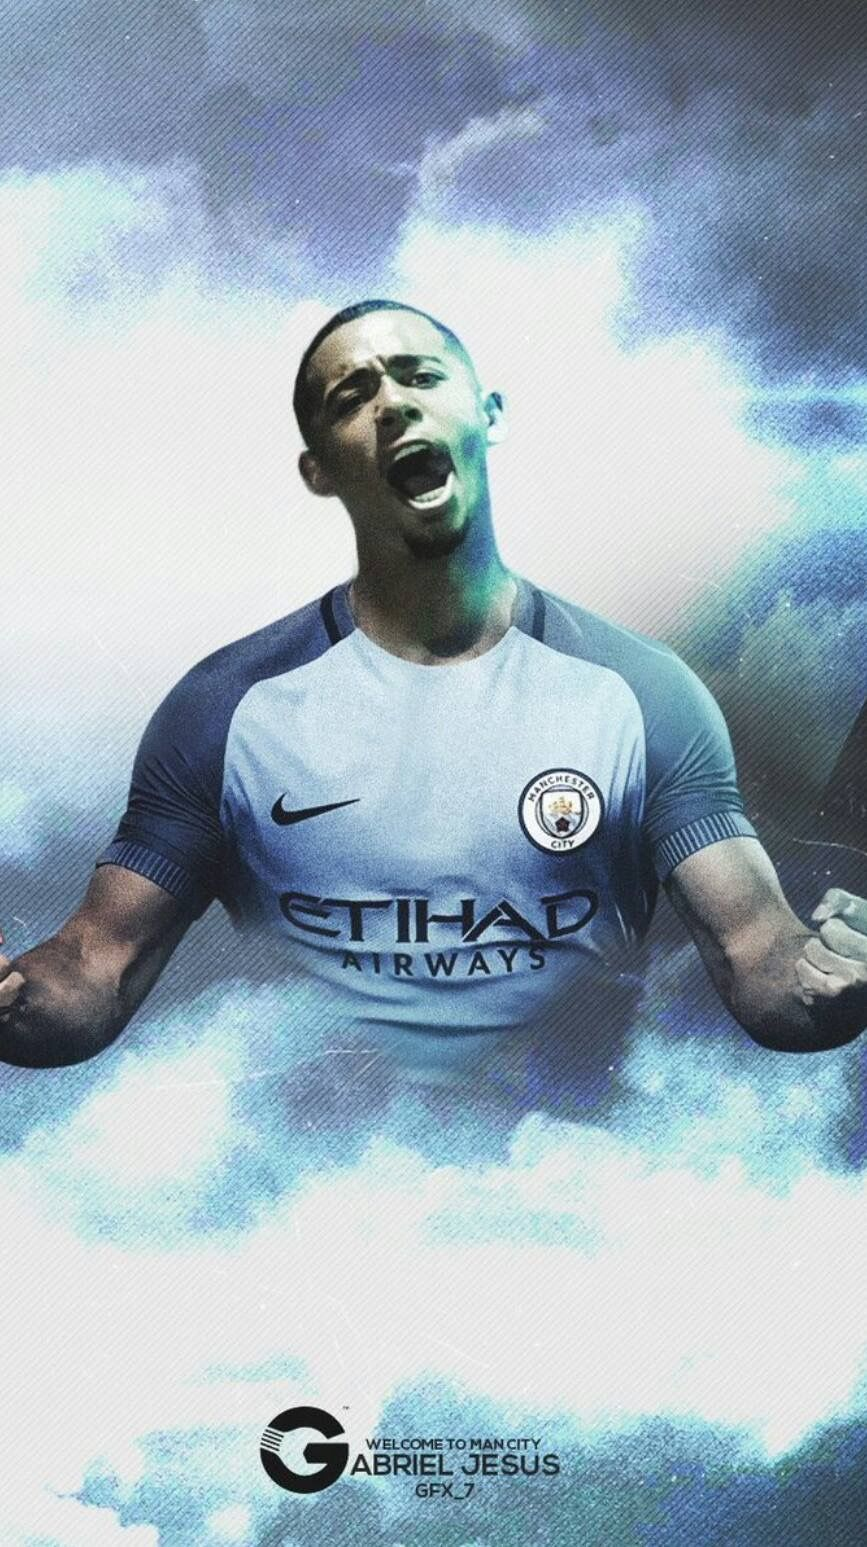 Wel e to City Gabriel Jesus ⚽ ⚽ Football